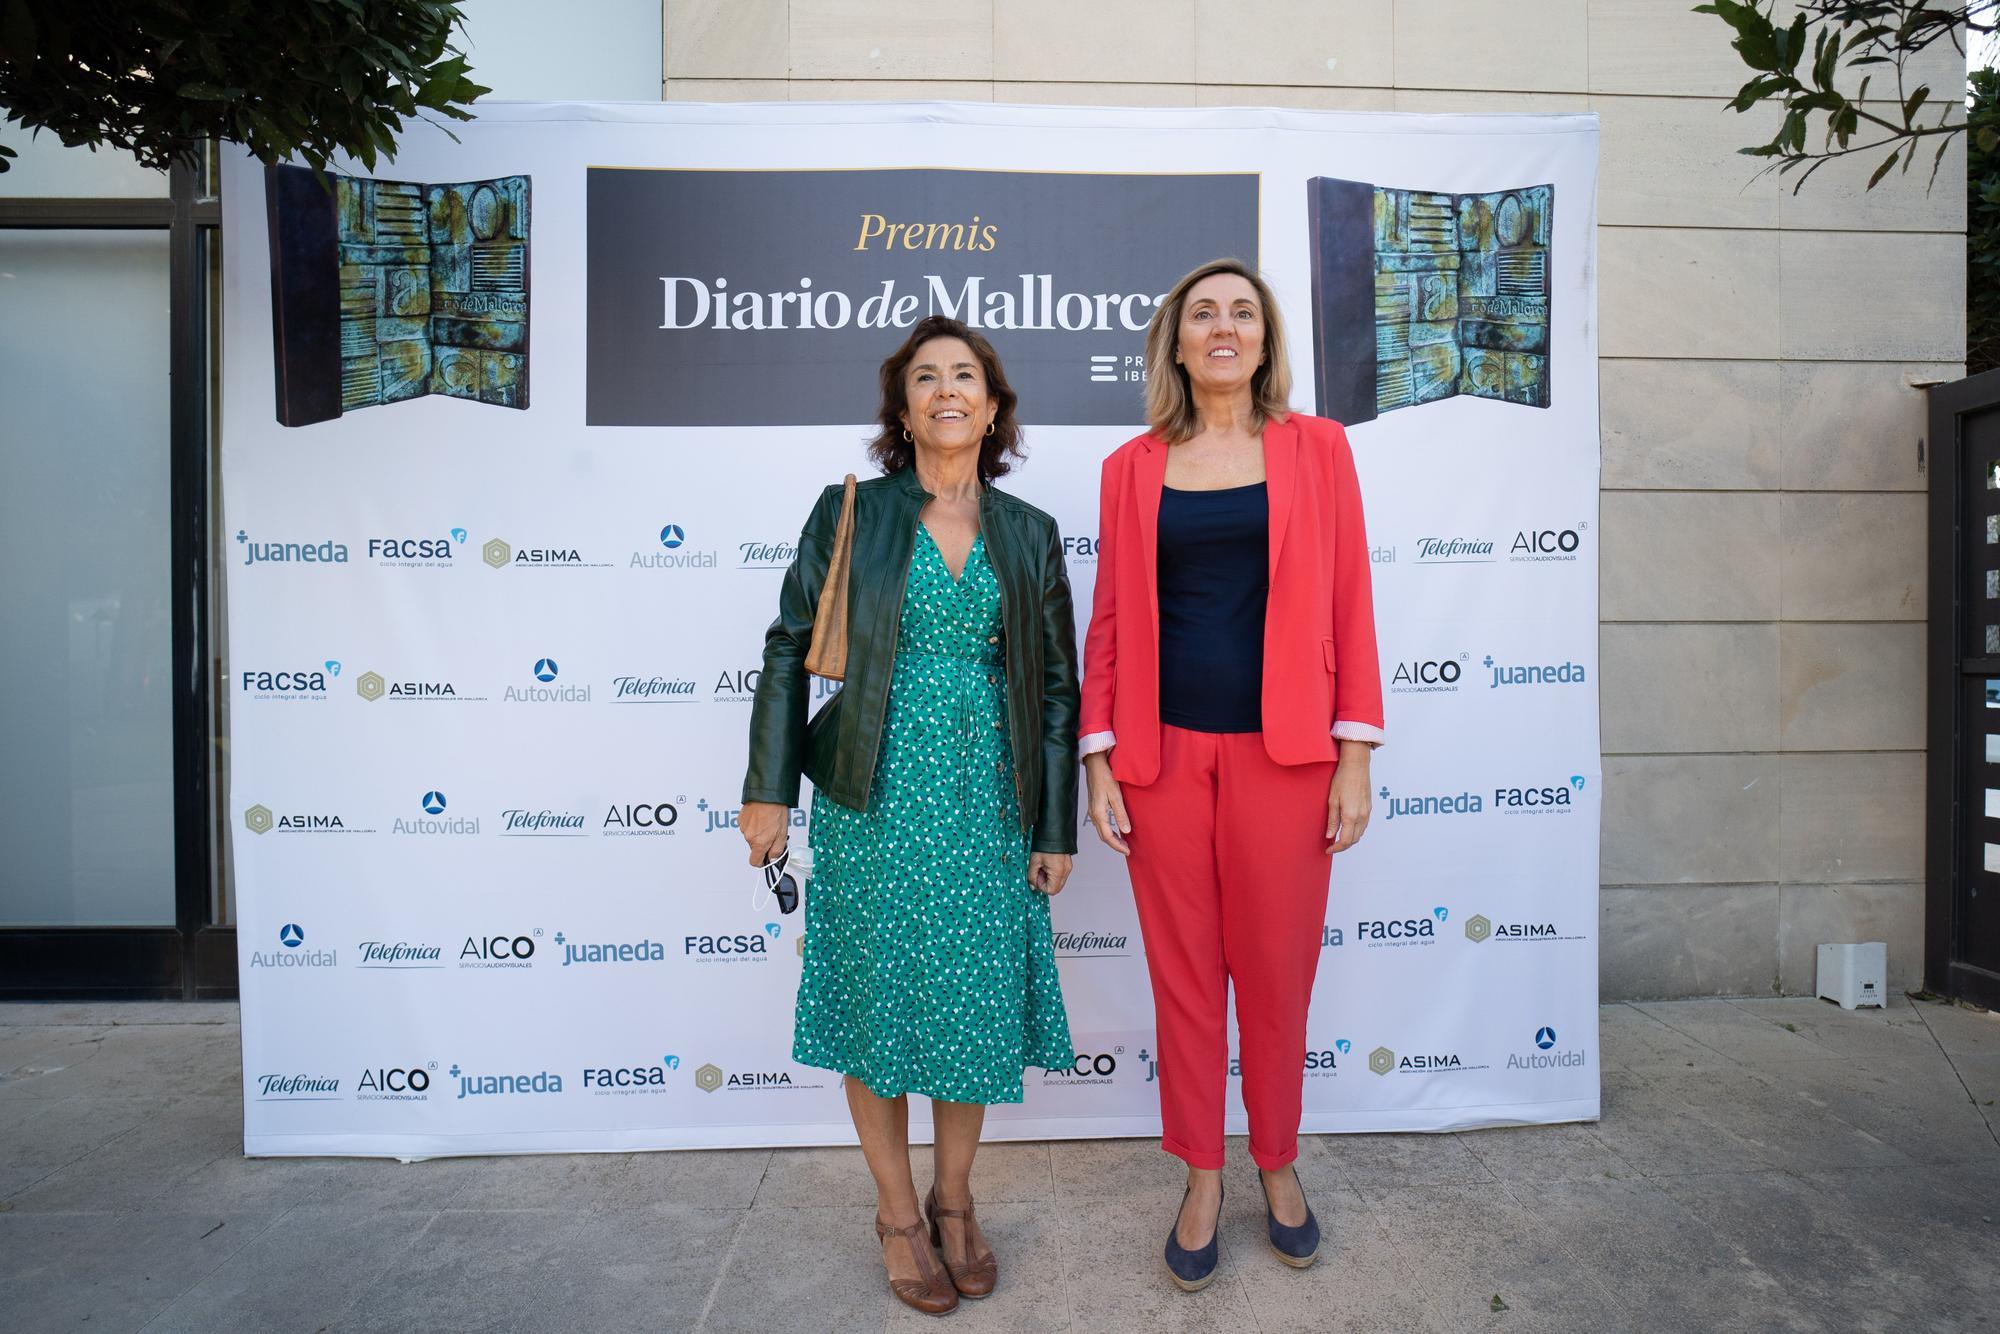 Premios Diario de Mallorca 38.jpg